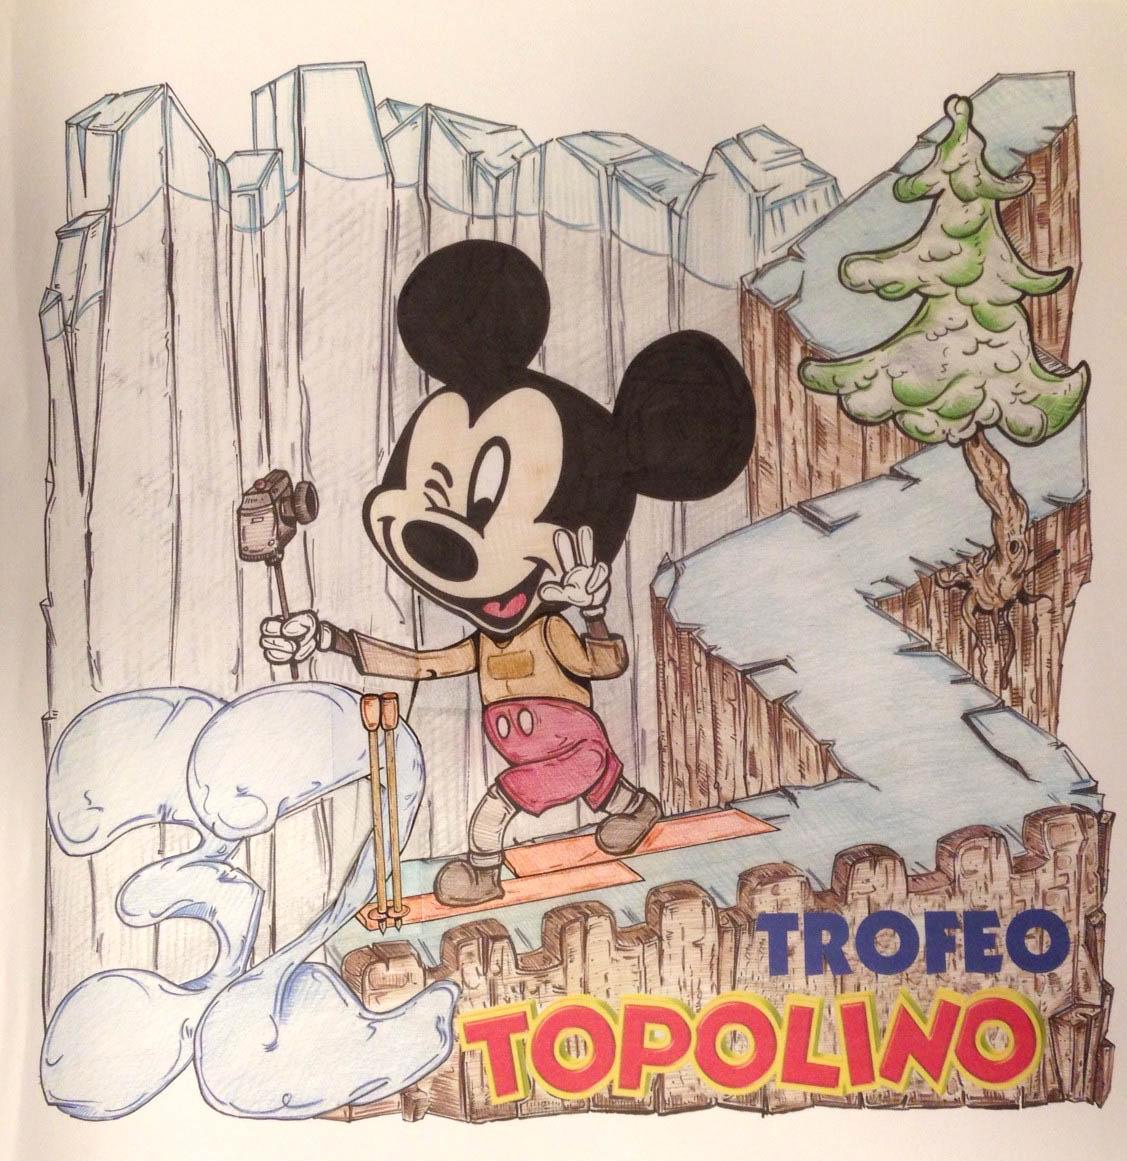 Trofeo Topolino sci di fondo: i vincitori del concorso artisitico